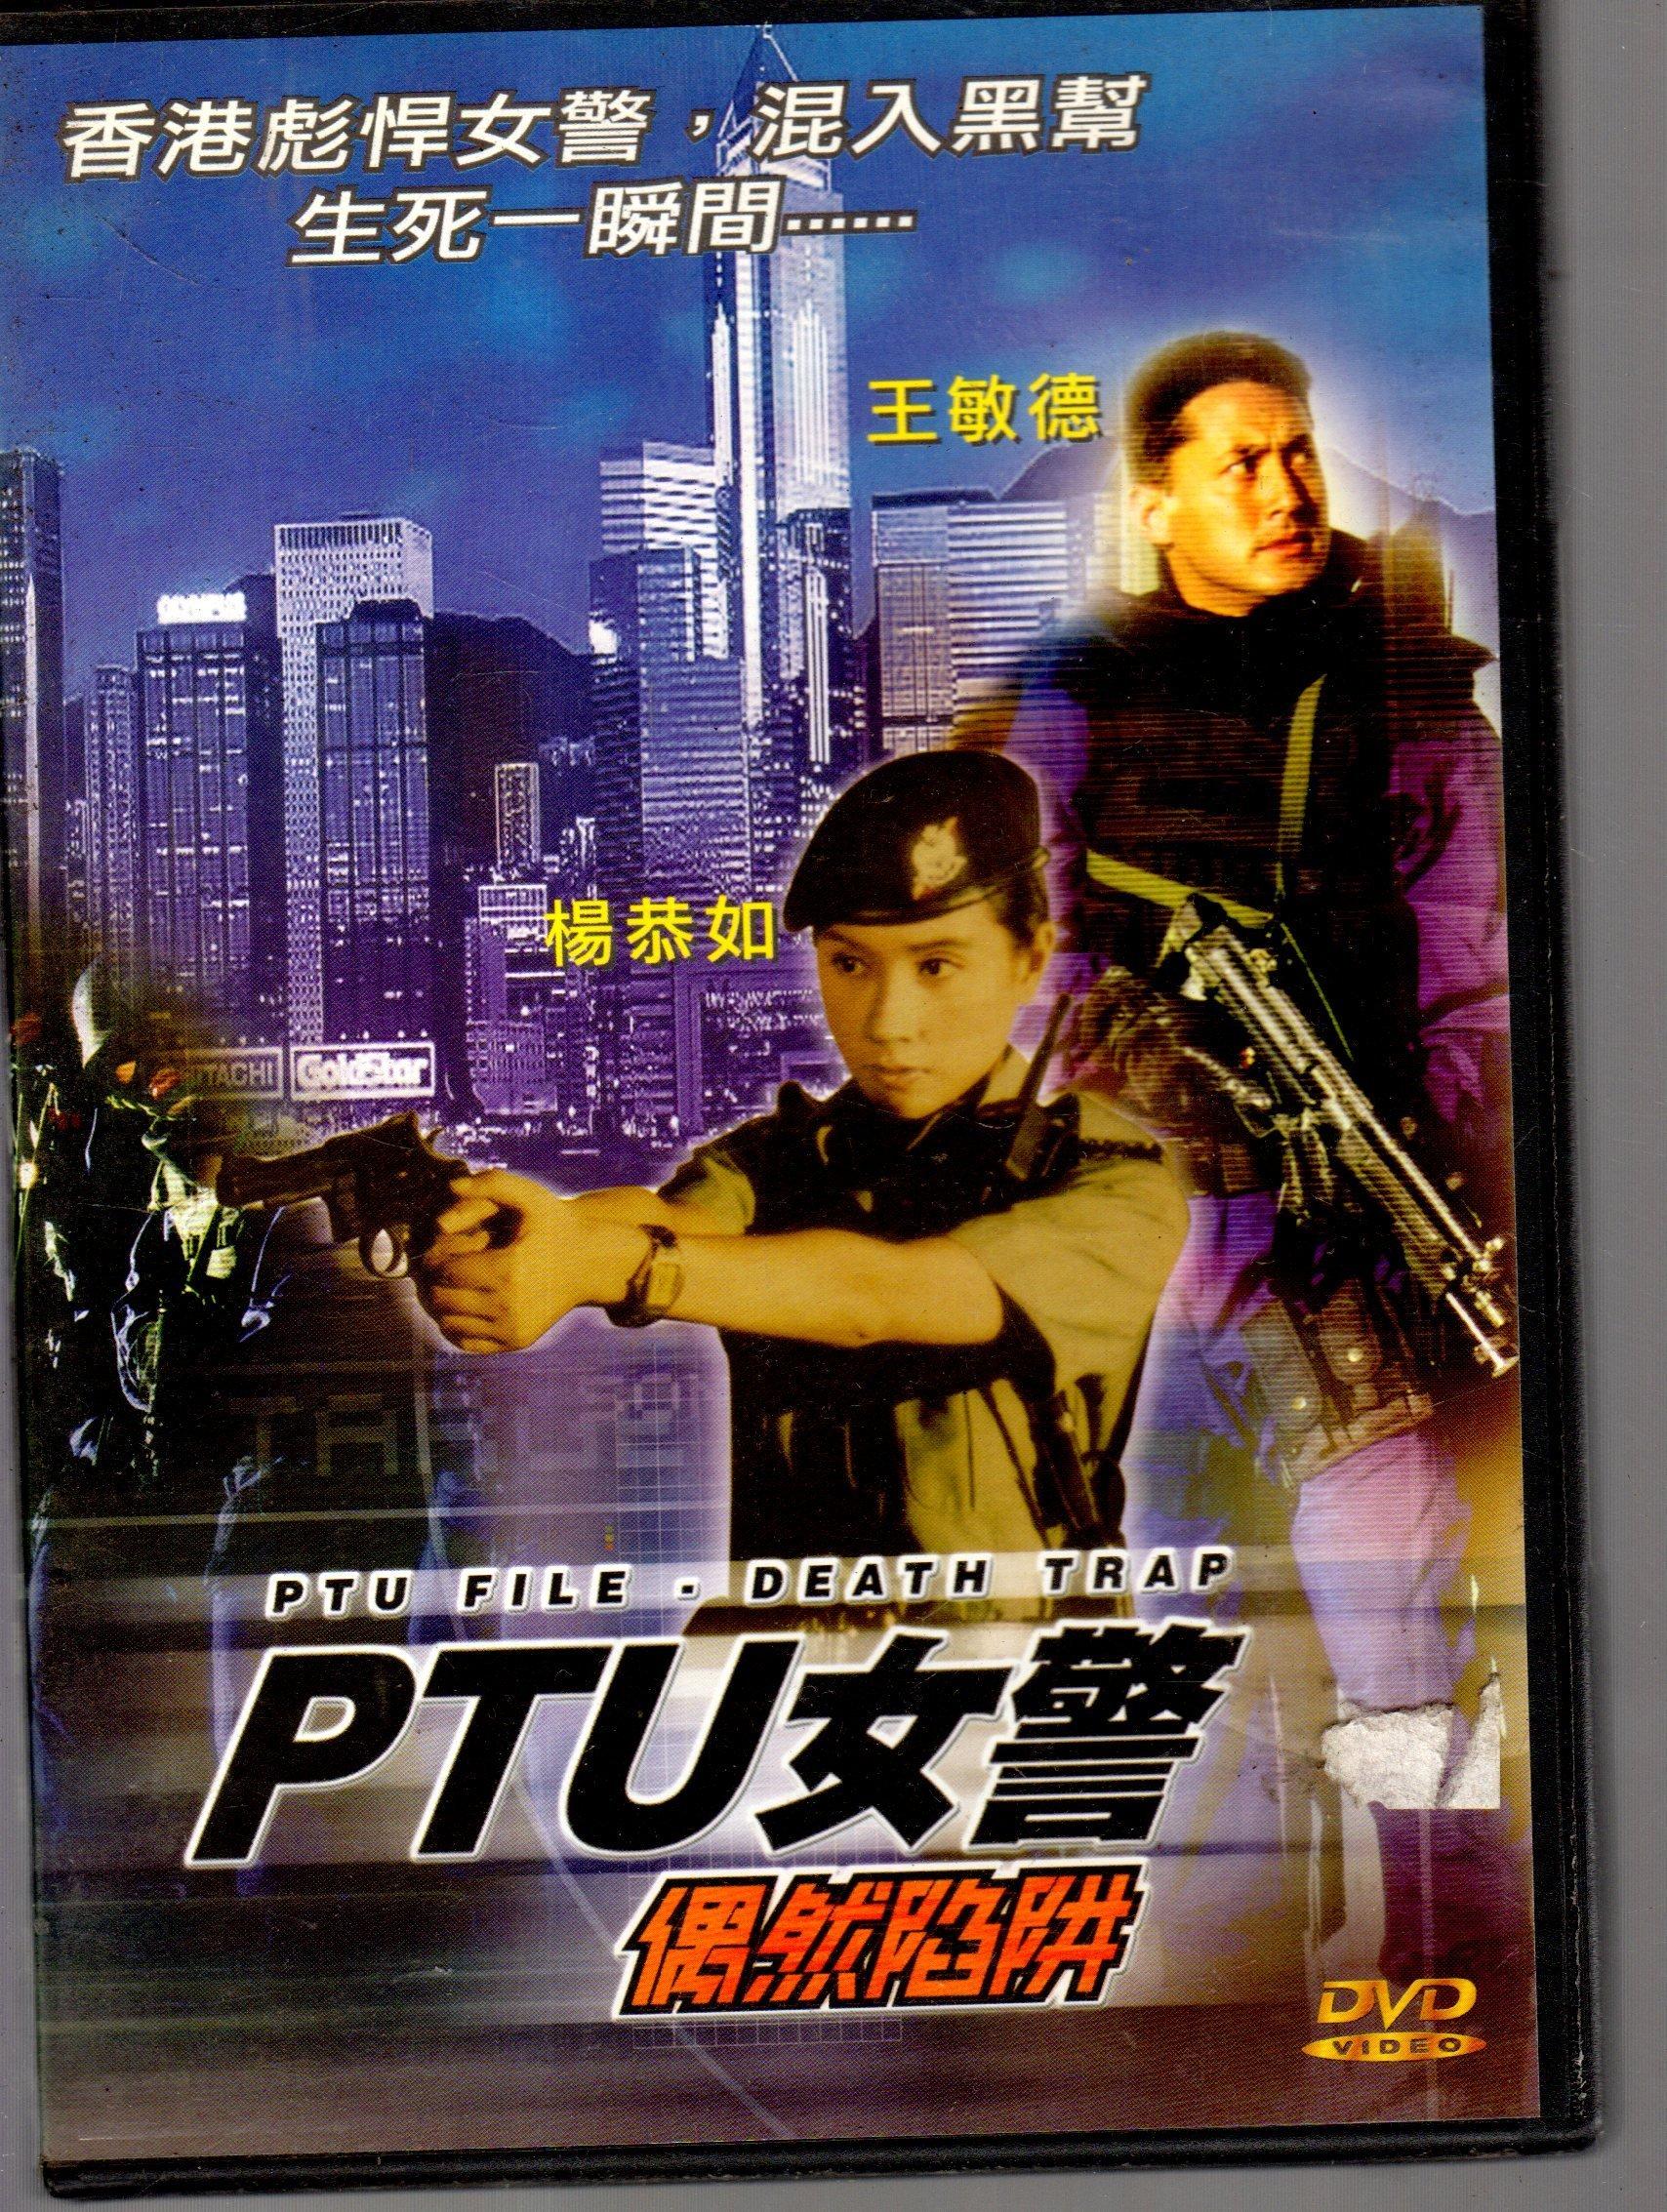 *老闆跑路*PTU女警-偶然陷阱 DVD二手片,下標即賣,請看關於我